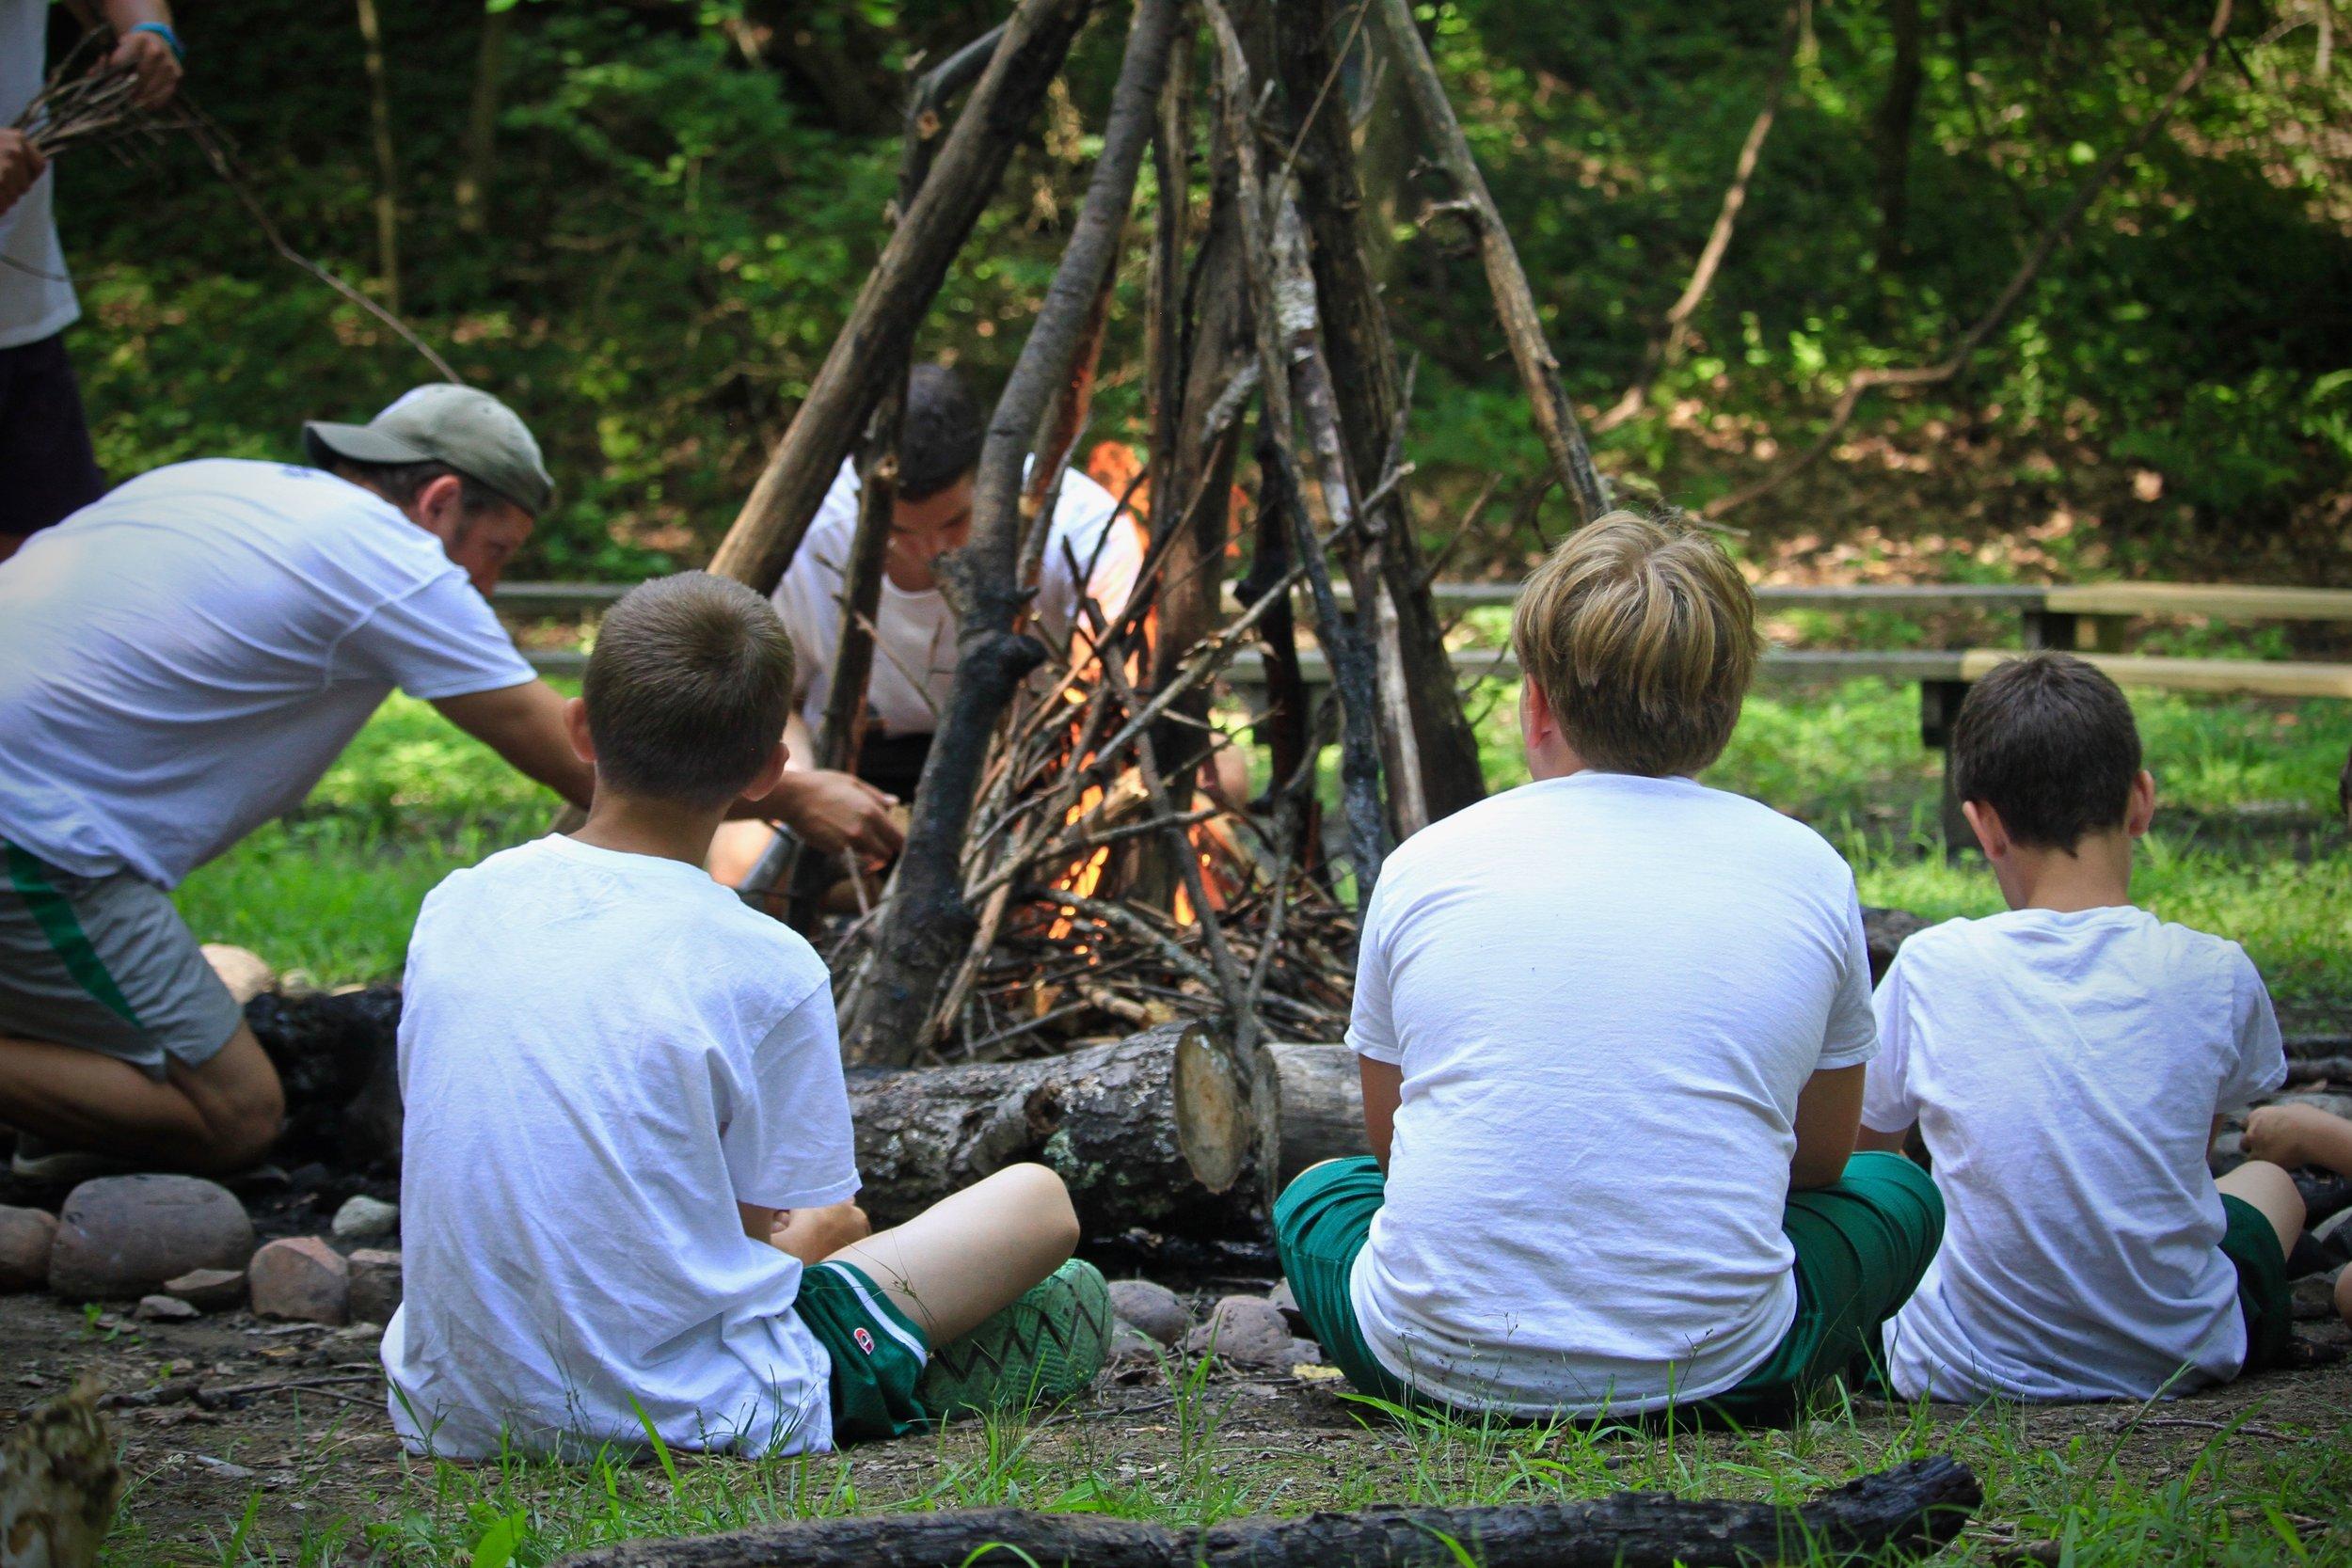 Building campfires